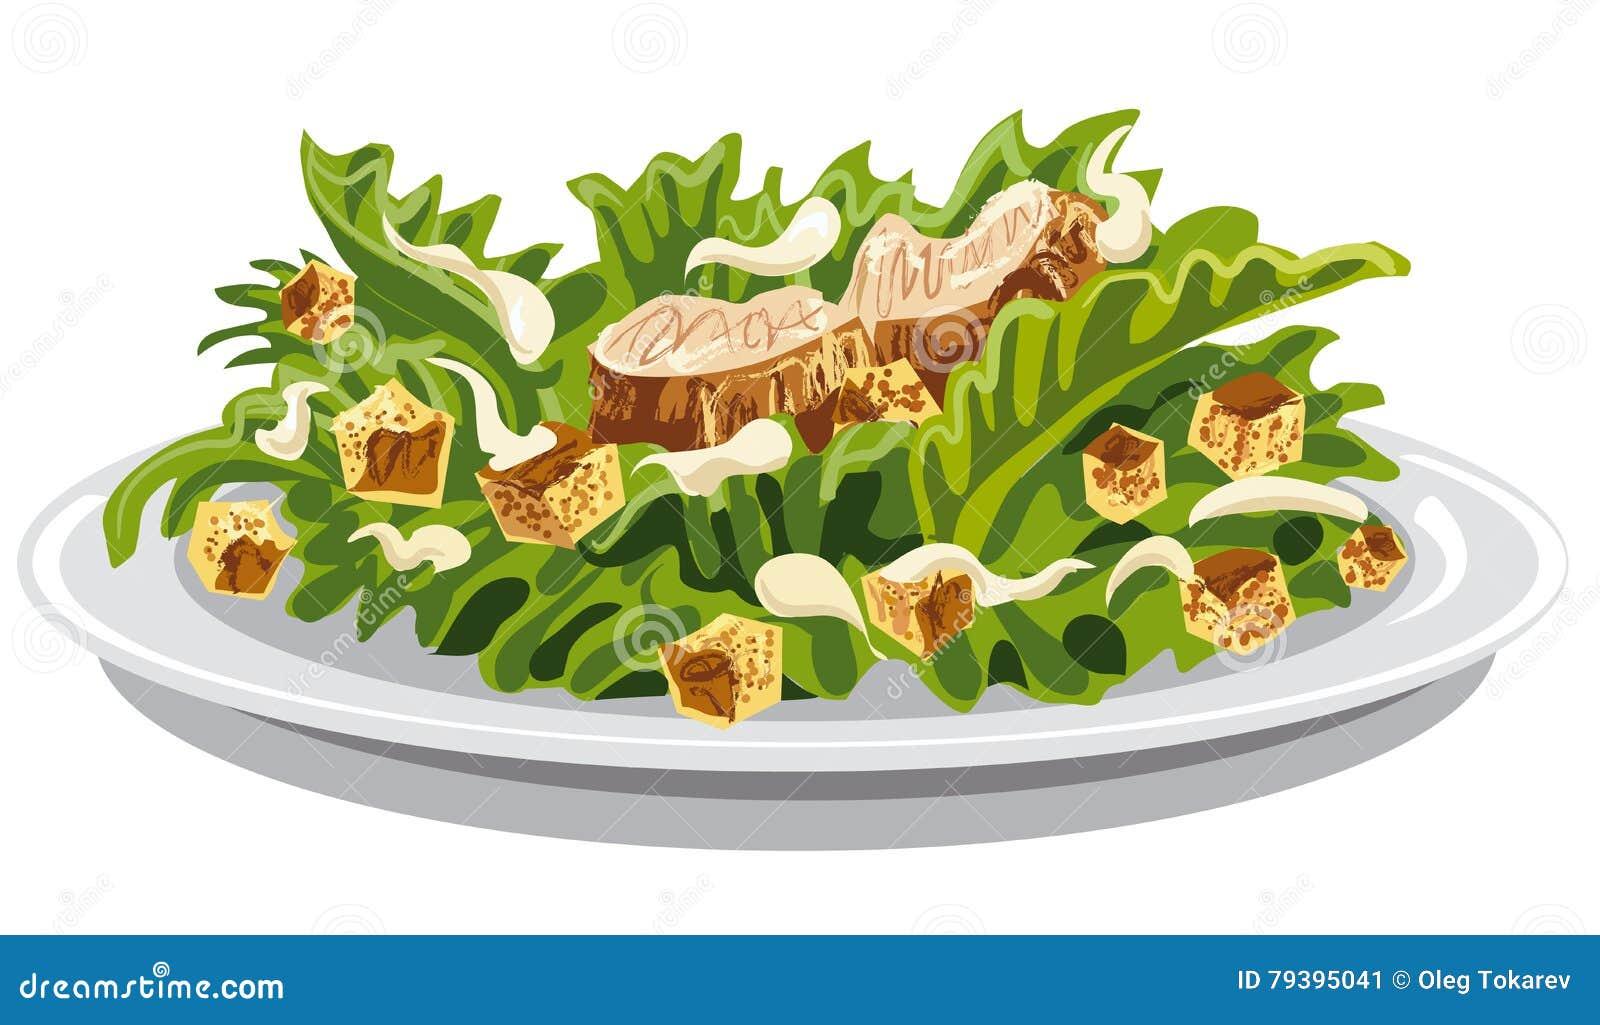 Салат цезарь с гренками